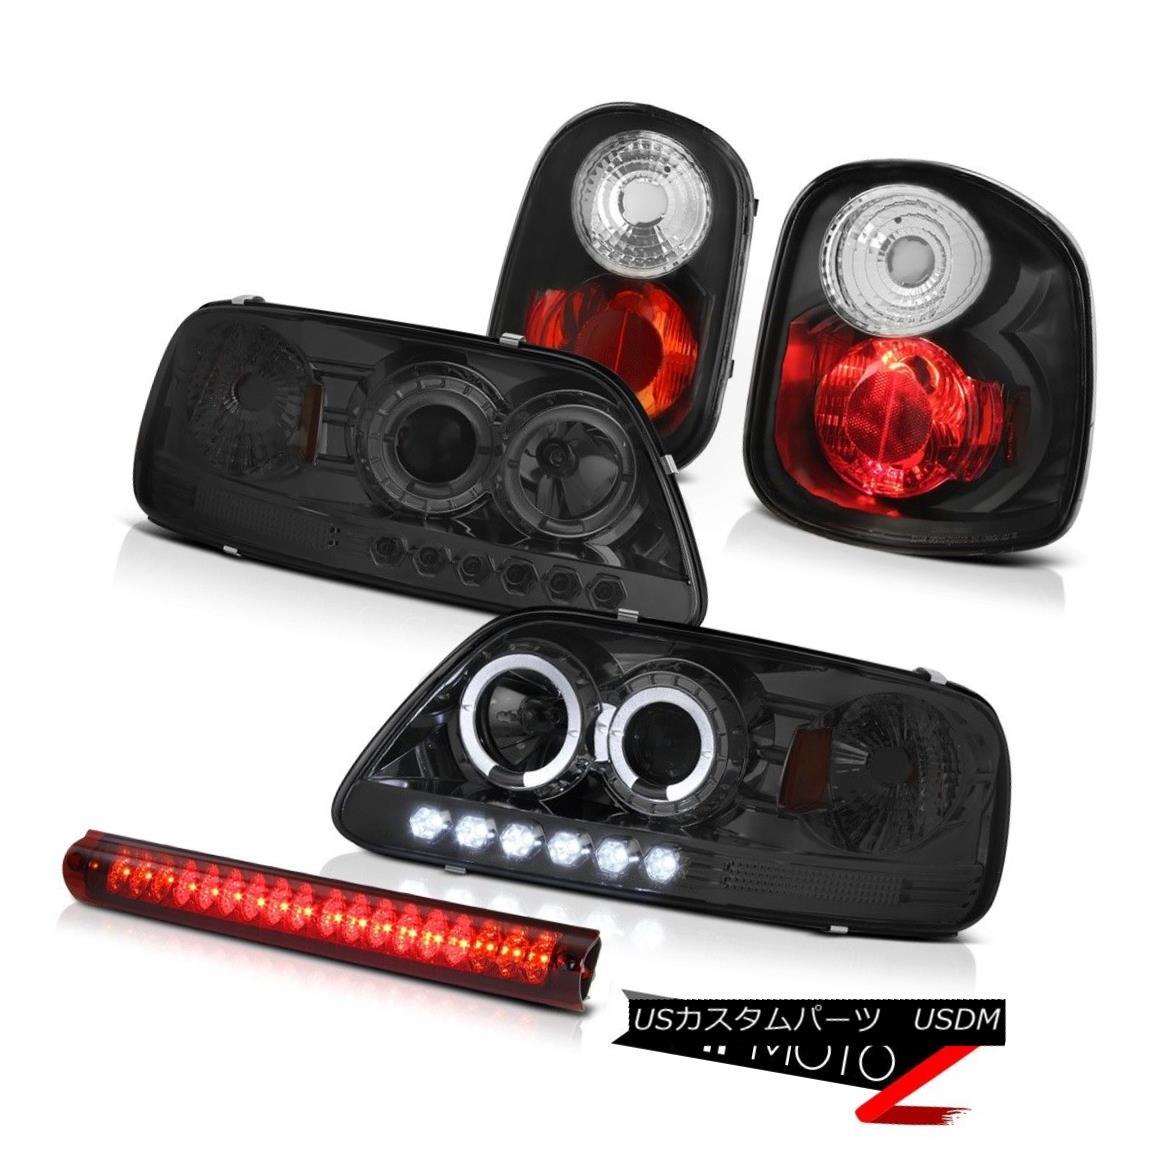 ヘッドライト 2001 02 2003 F150 Flareside 4.6L Smoke Halo Headlights Rear 3rd Brake Lights LED 2001 02 2003 F150フラレイド4.6Lスモークハローヘッドライトリア第3ブレーキライトLED